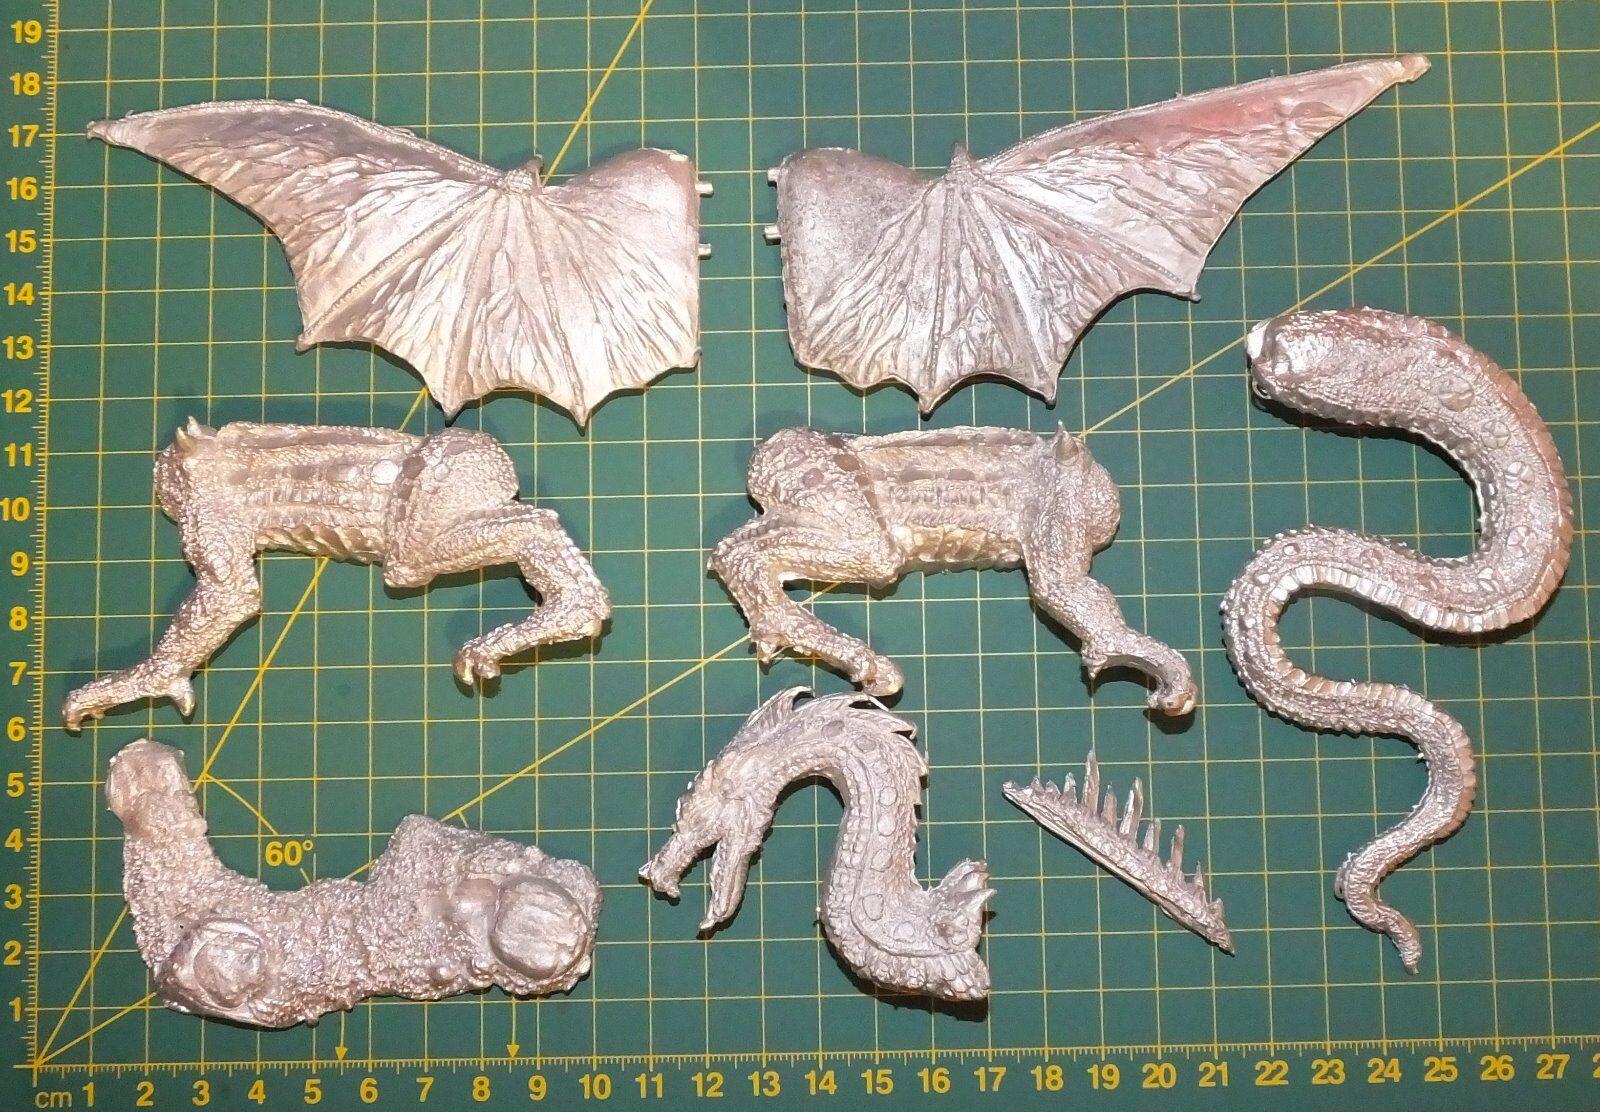 Citadel Fantasía Warhammer Dungeons & Dragons Gran Emperador Dragon fuera de imprenta